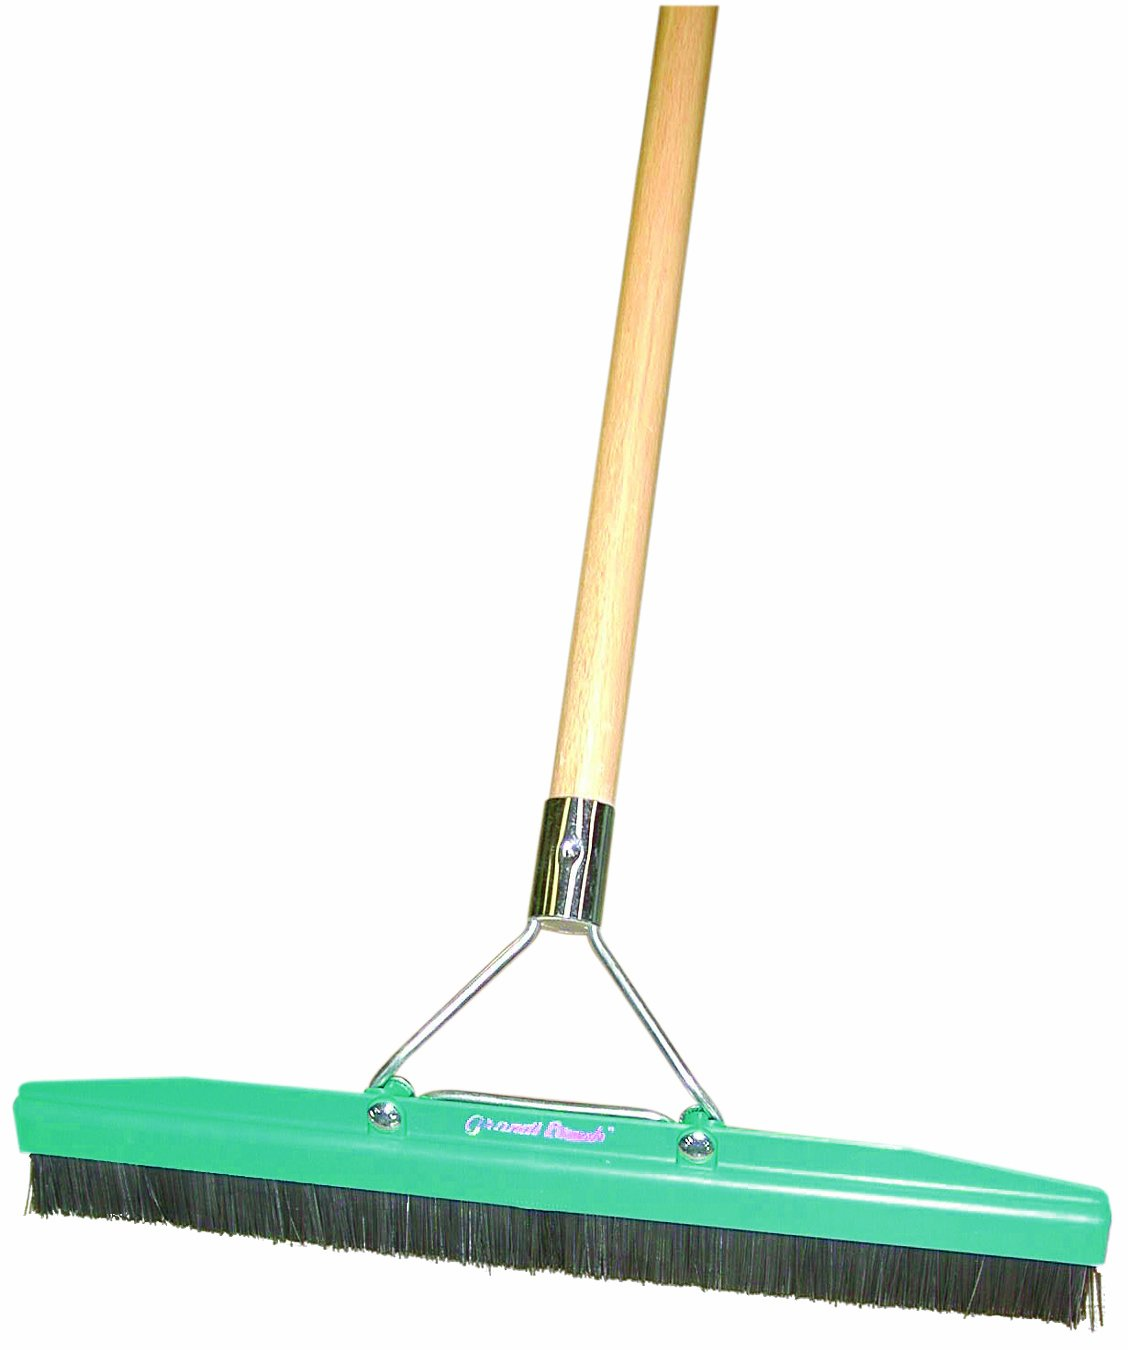 Groom Industries Grandi Groom Carpet Brush by Groom Industries